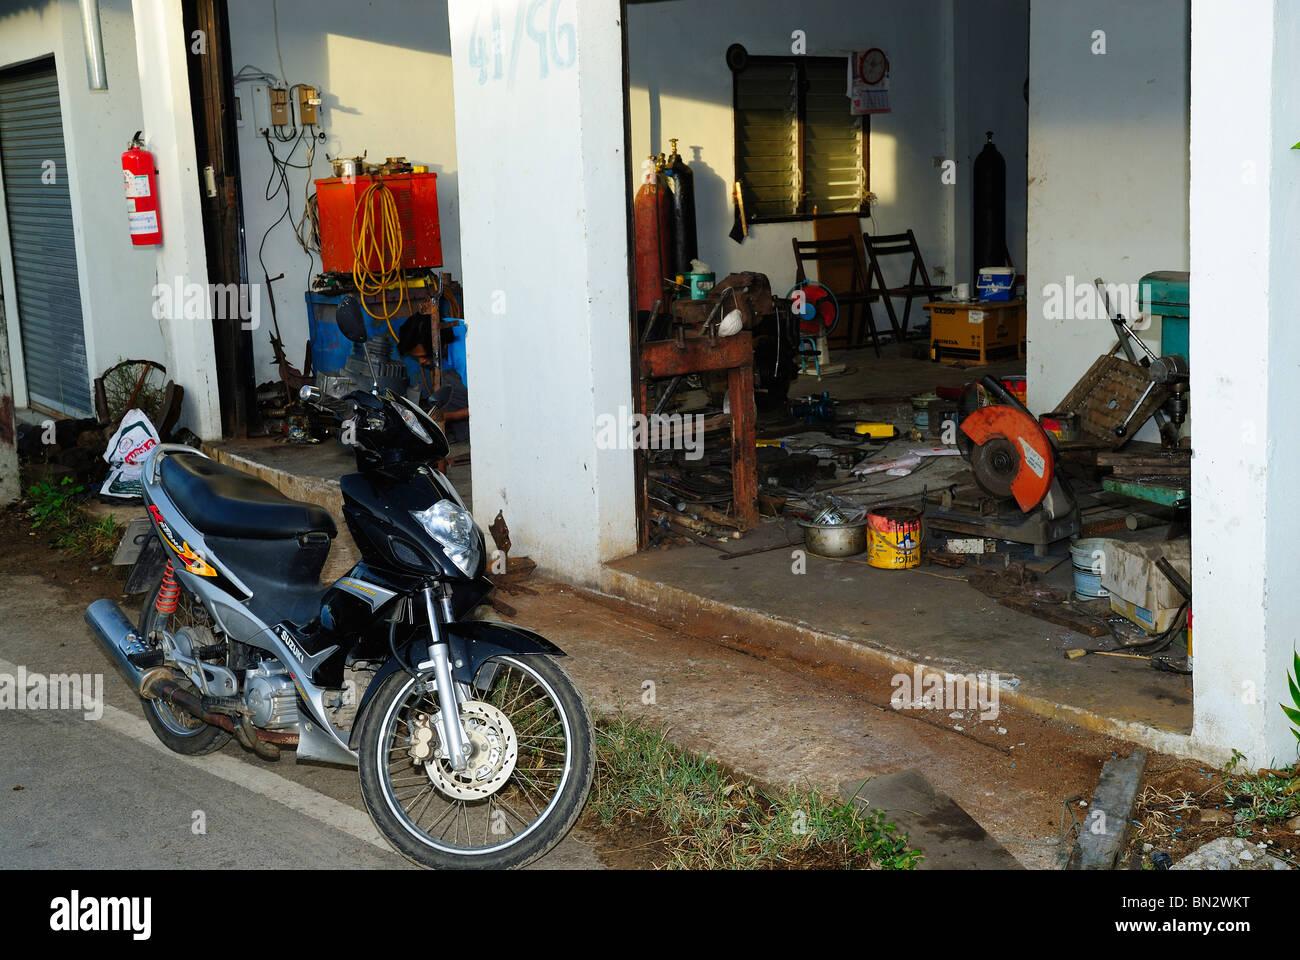 Motorbike parked in a garage in Baan Nam Khen village, West of Thailand - Stock Image